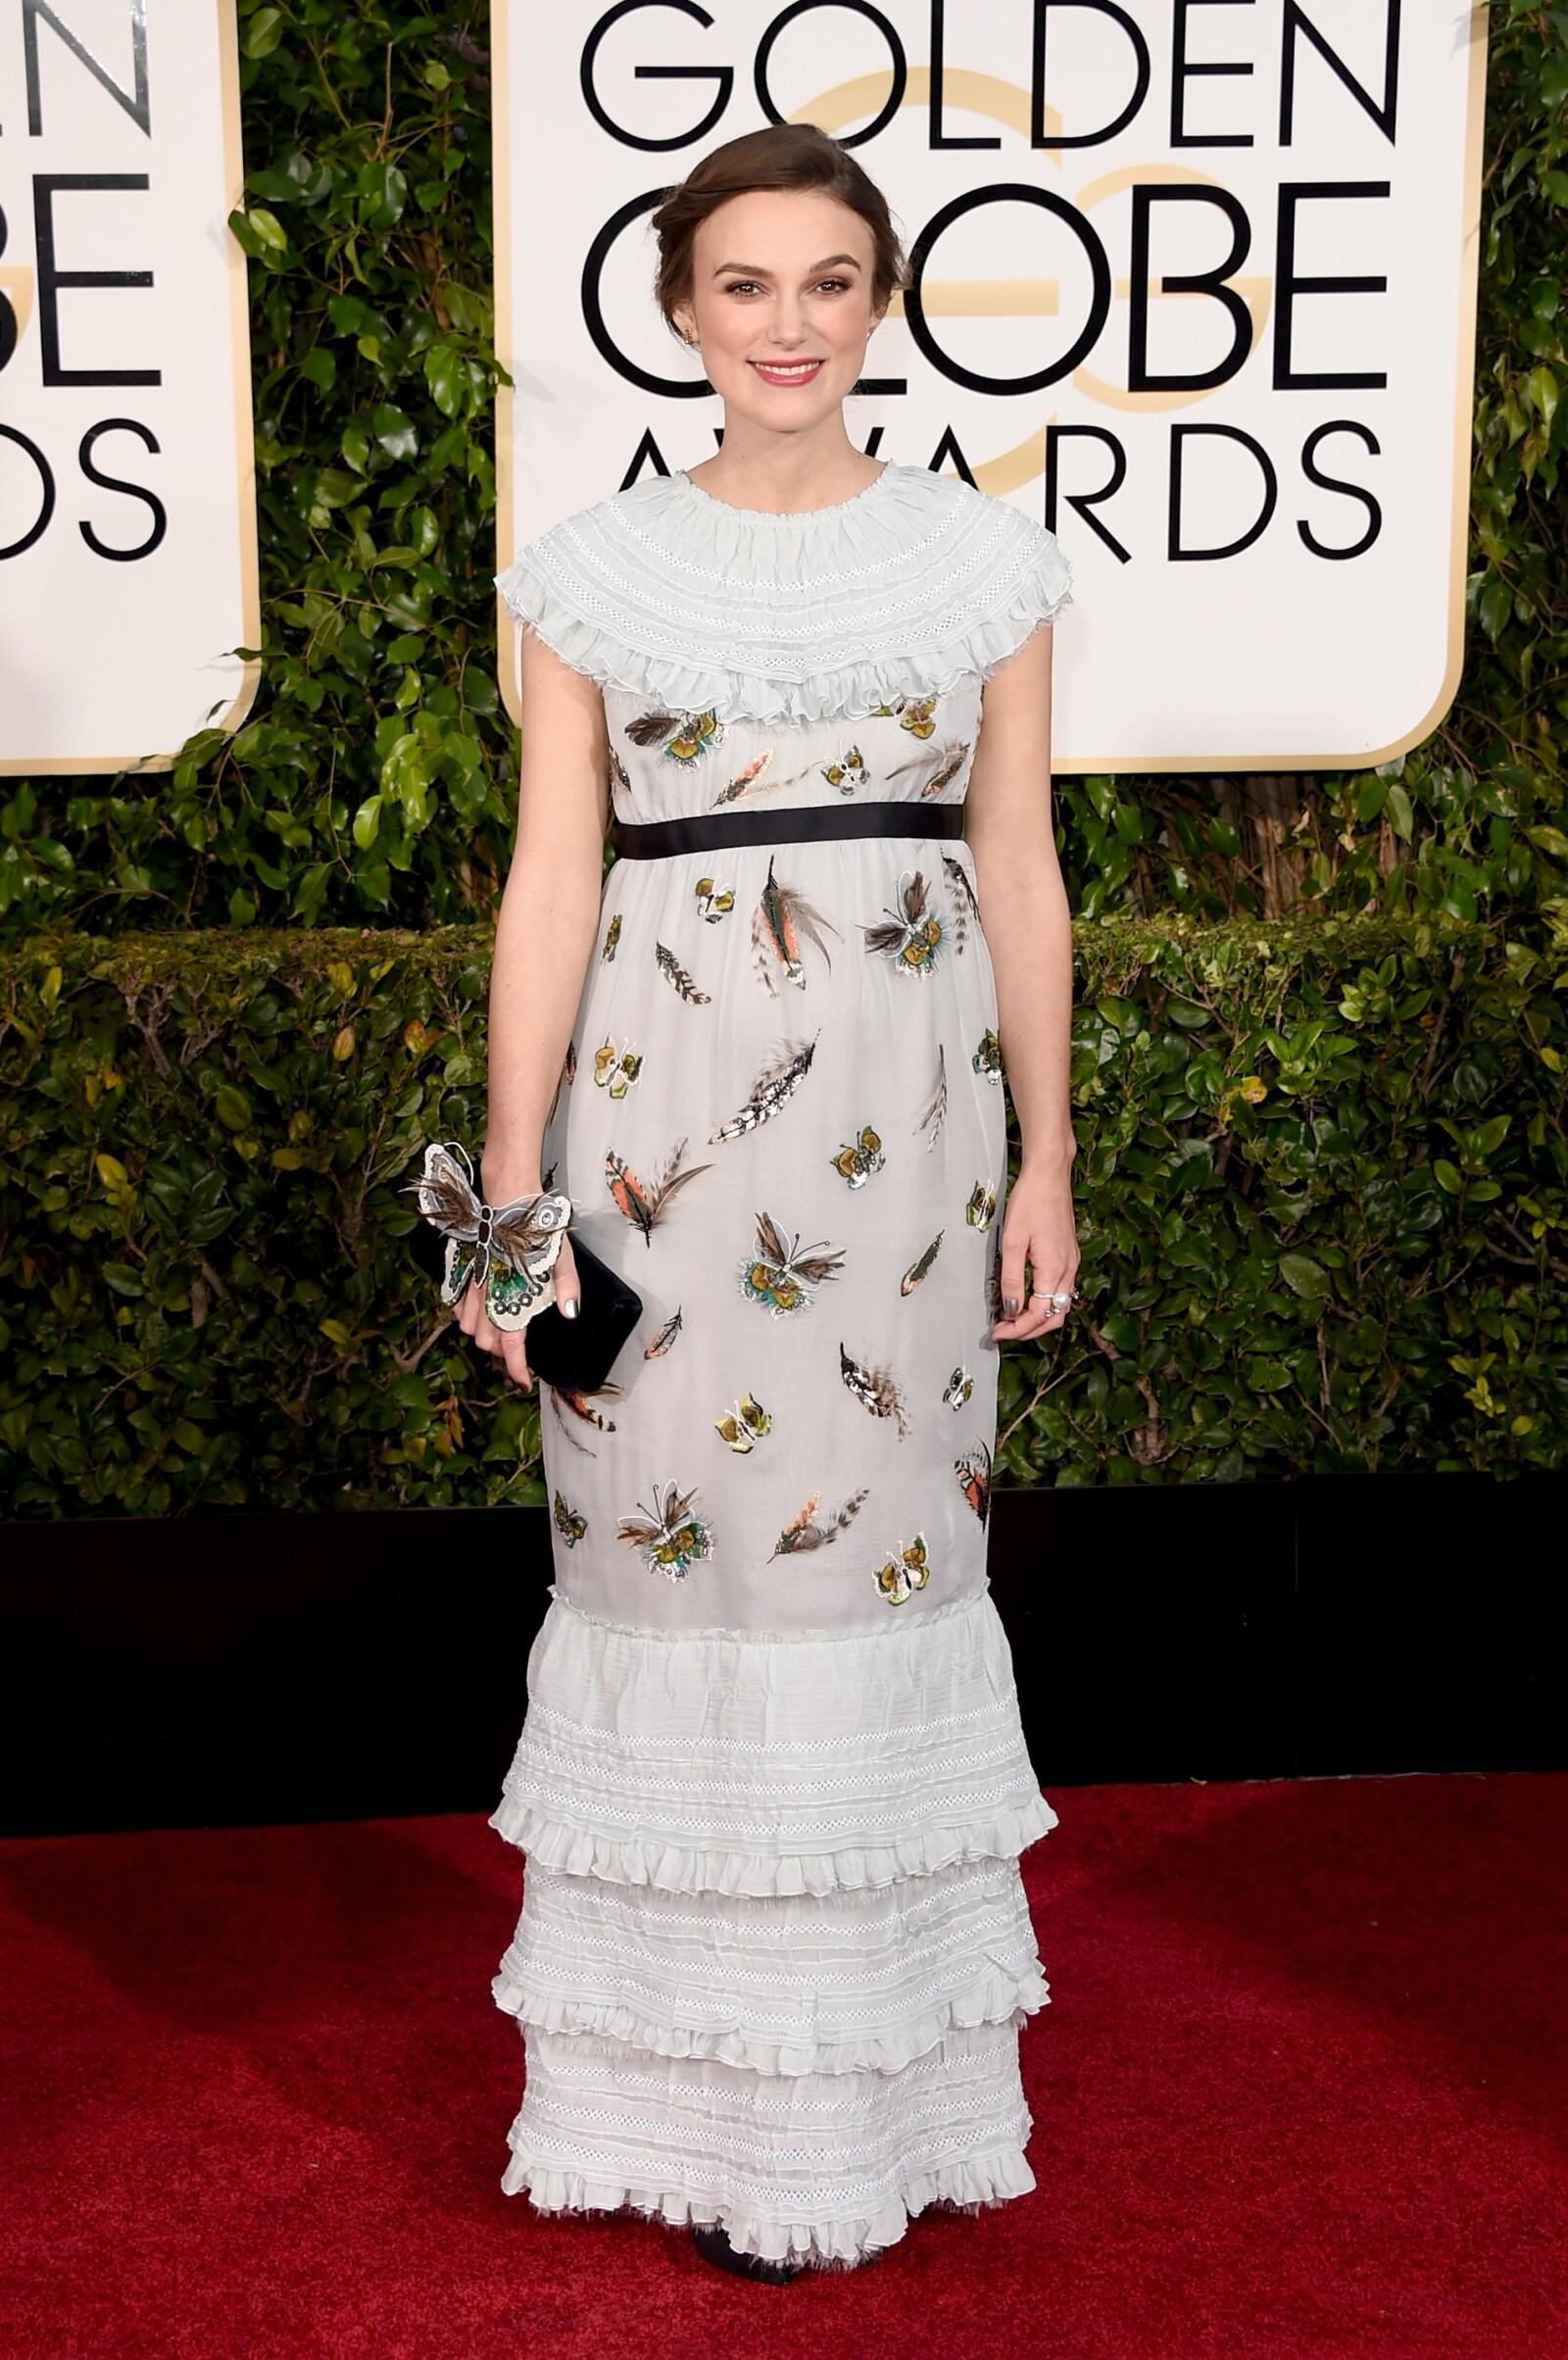 Keira Knightley en un look Pre-Fall 2015 para los Golden Globes